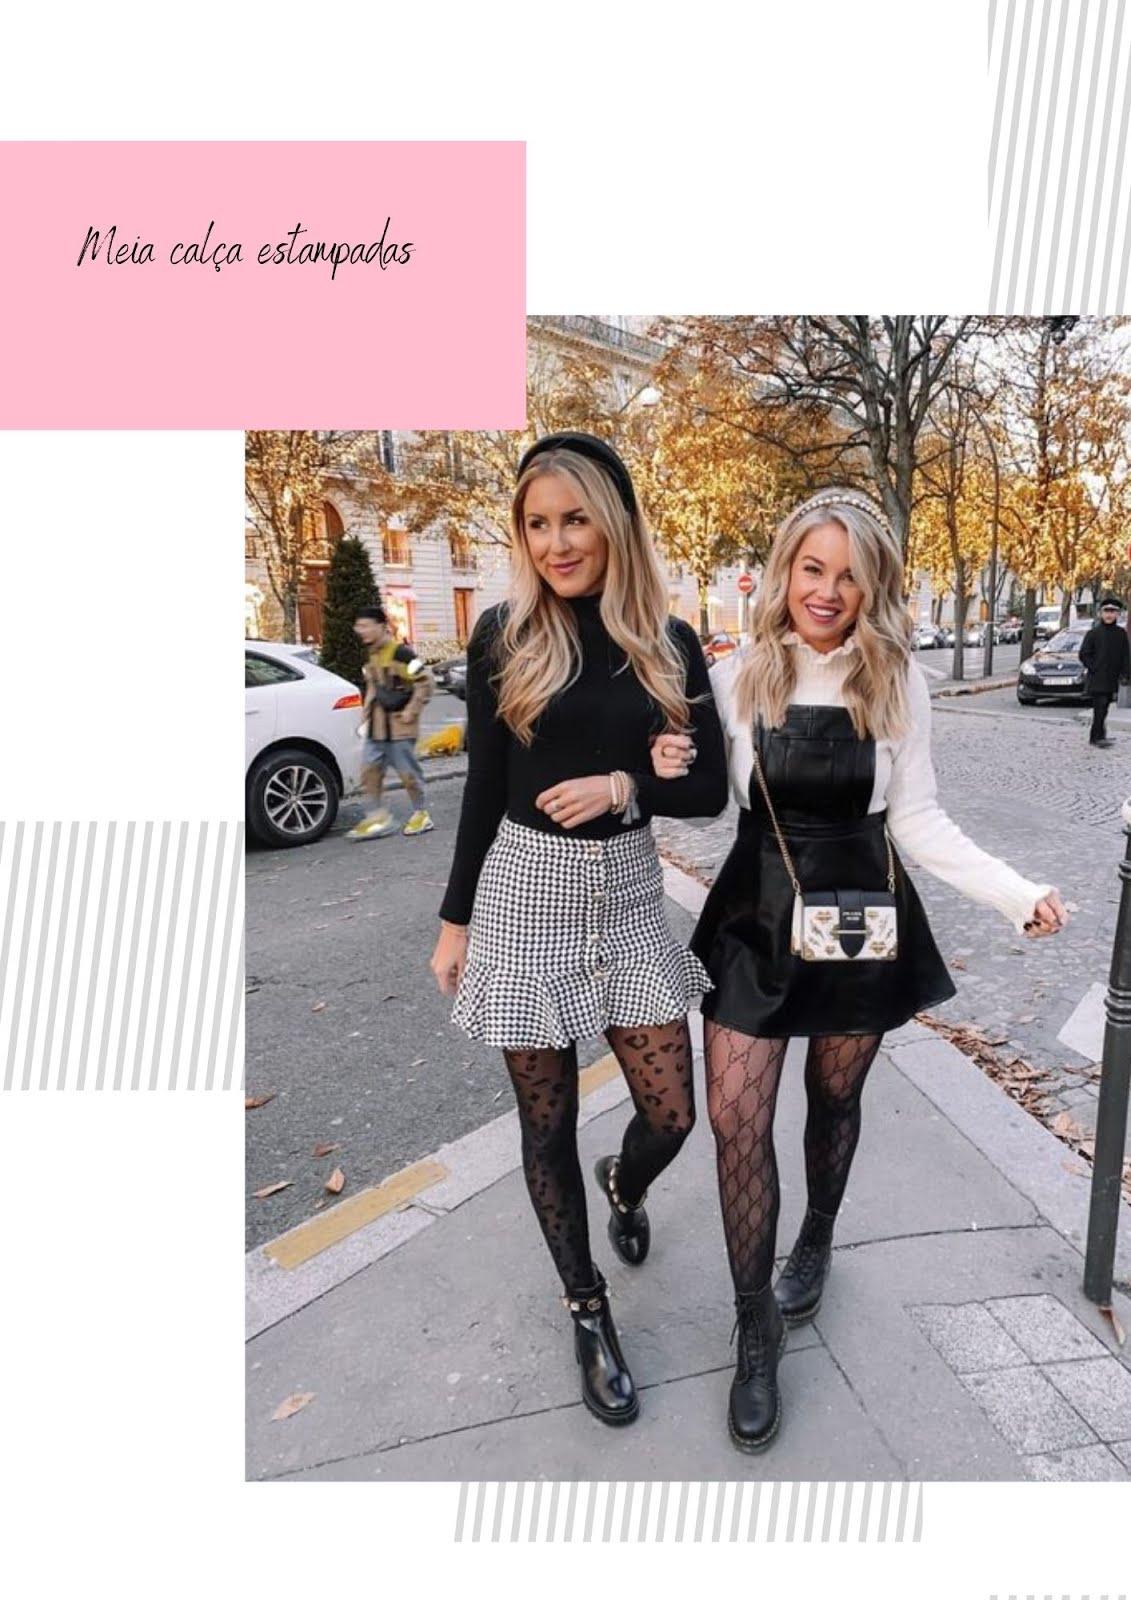 meia calça, meia calça preta, meia calça arrastão, meia calça fio 80, meia calça poá, looks tumblr, moda evangélica